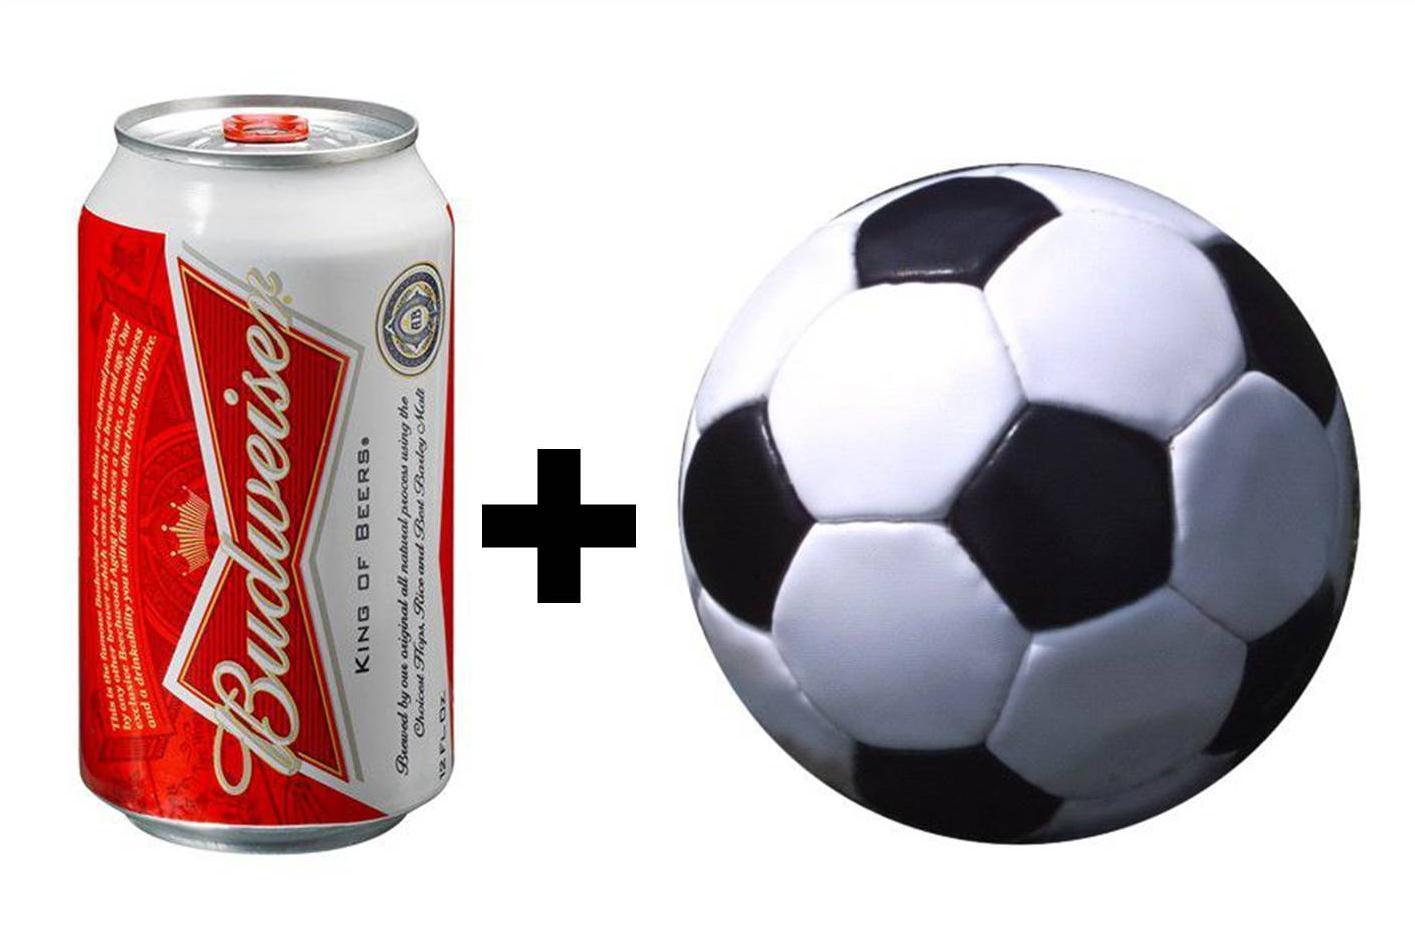 Este año la FIFA  permite la venta de cerveza en los estadios y el consumo de la misma durante los partidos. Fuente: AD